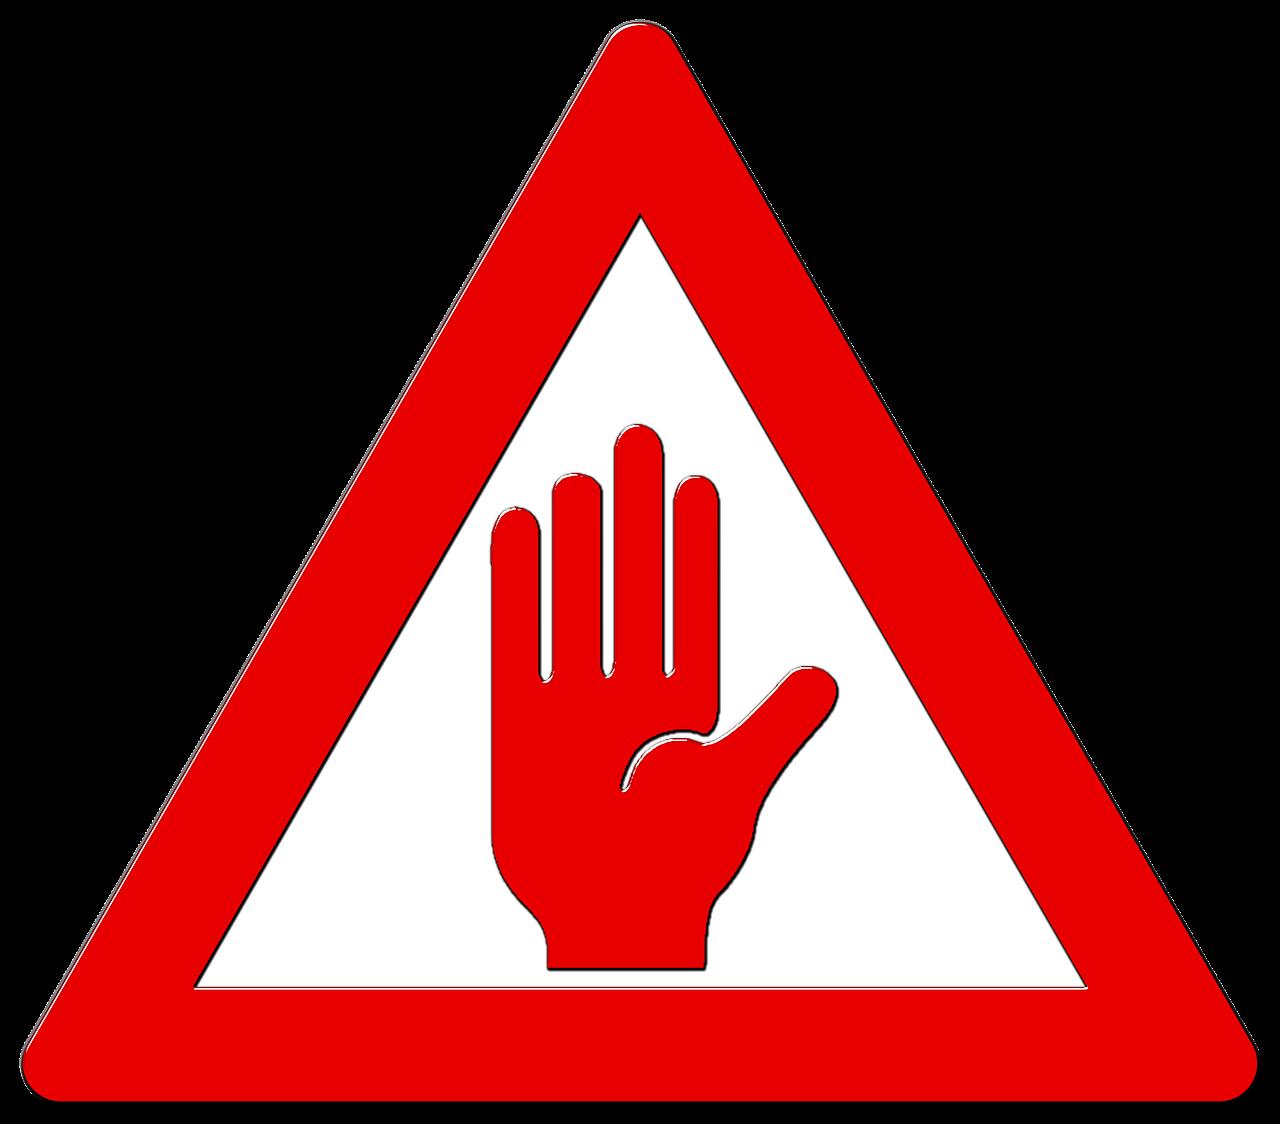 اخطار دقت کنید مراقب باشید